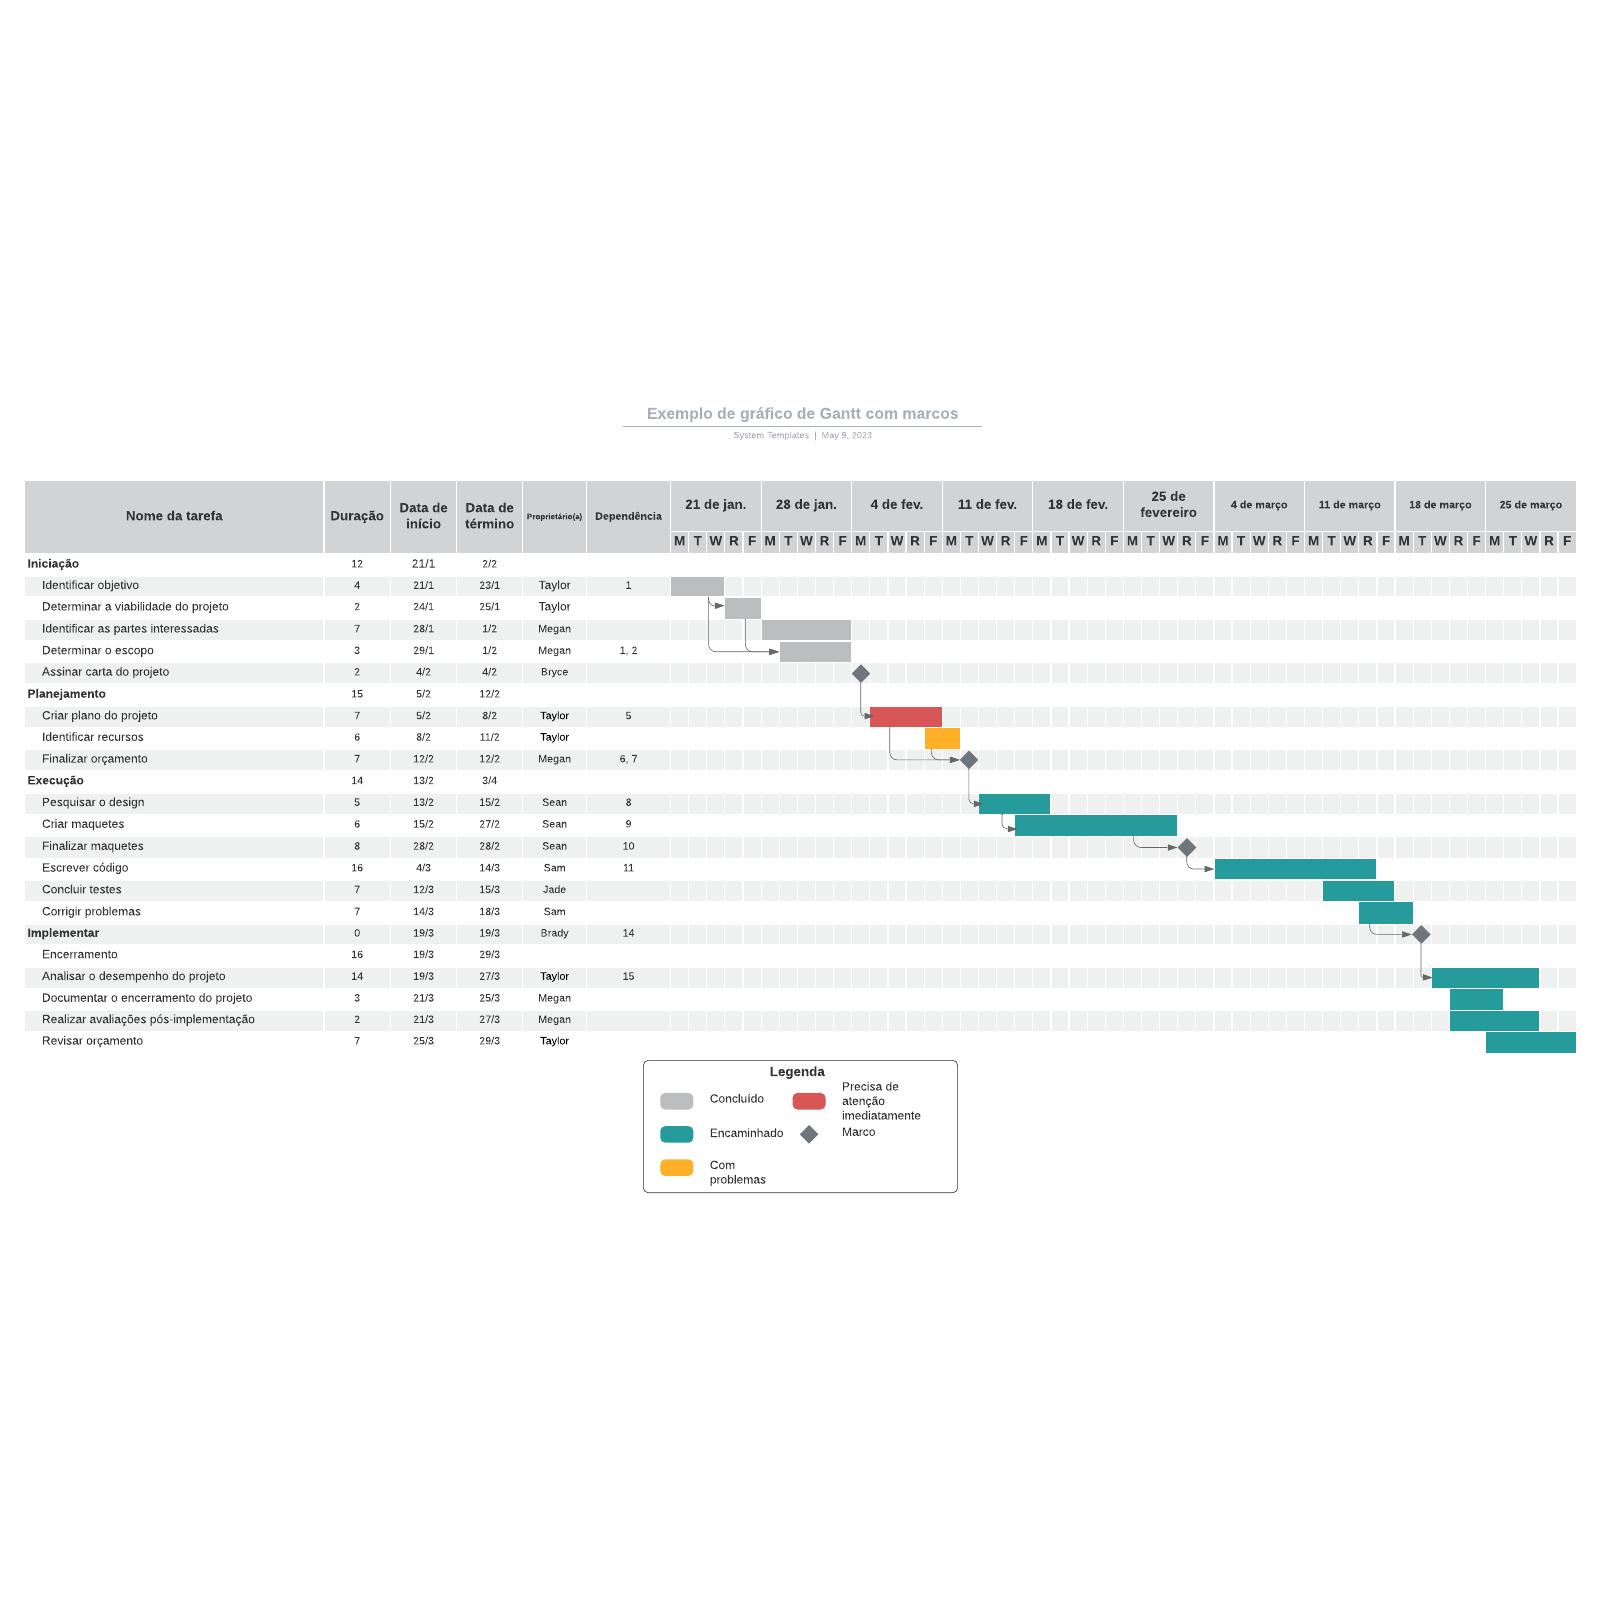 Exemplo de gráfico de Gantt com marcos